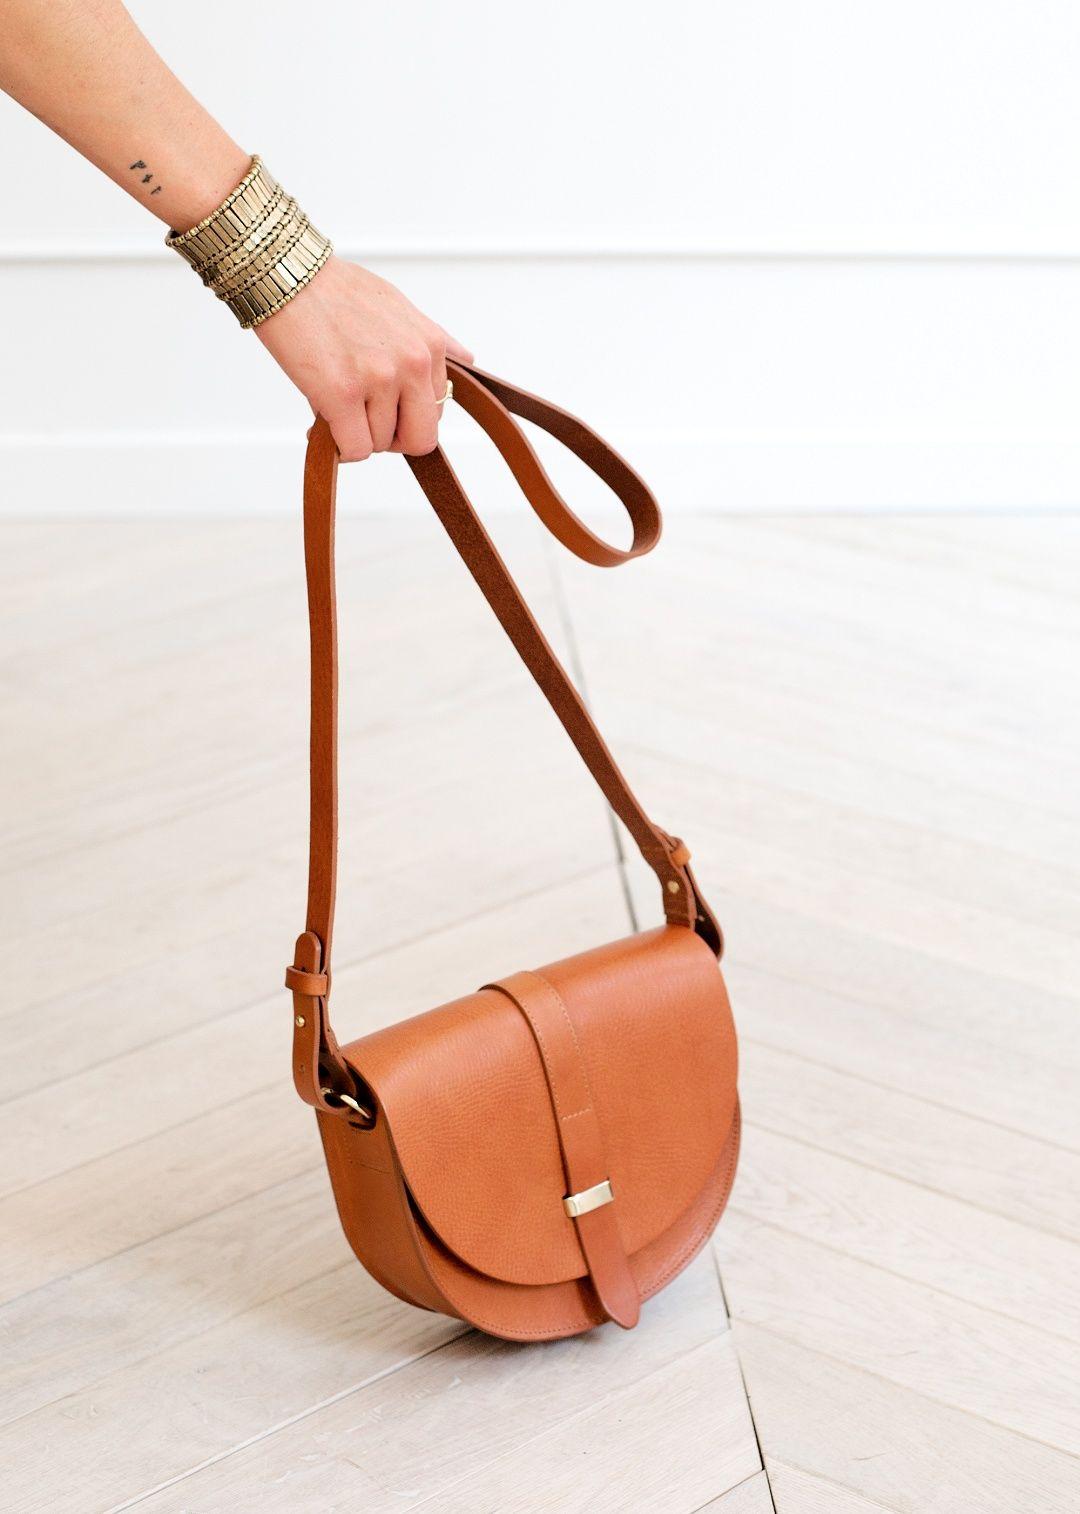 Claude Messenger Bag | Sac sezane, Sac, Sac cuir vintage